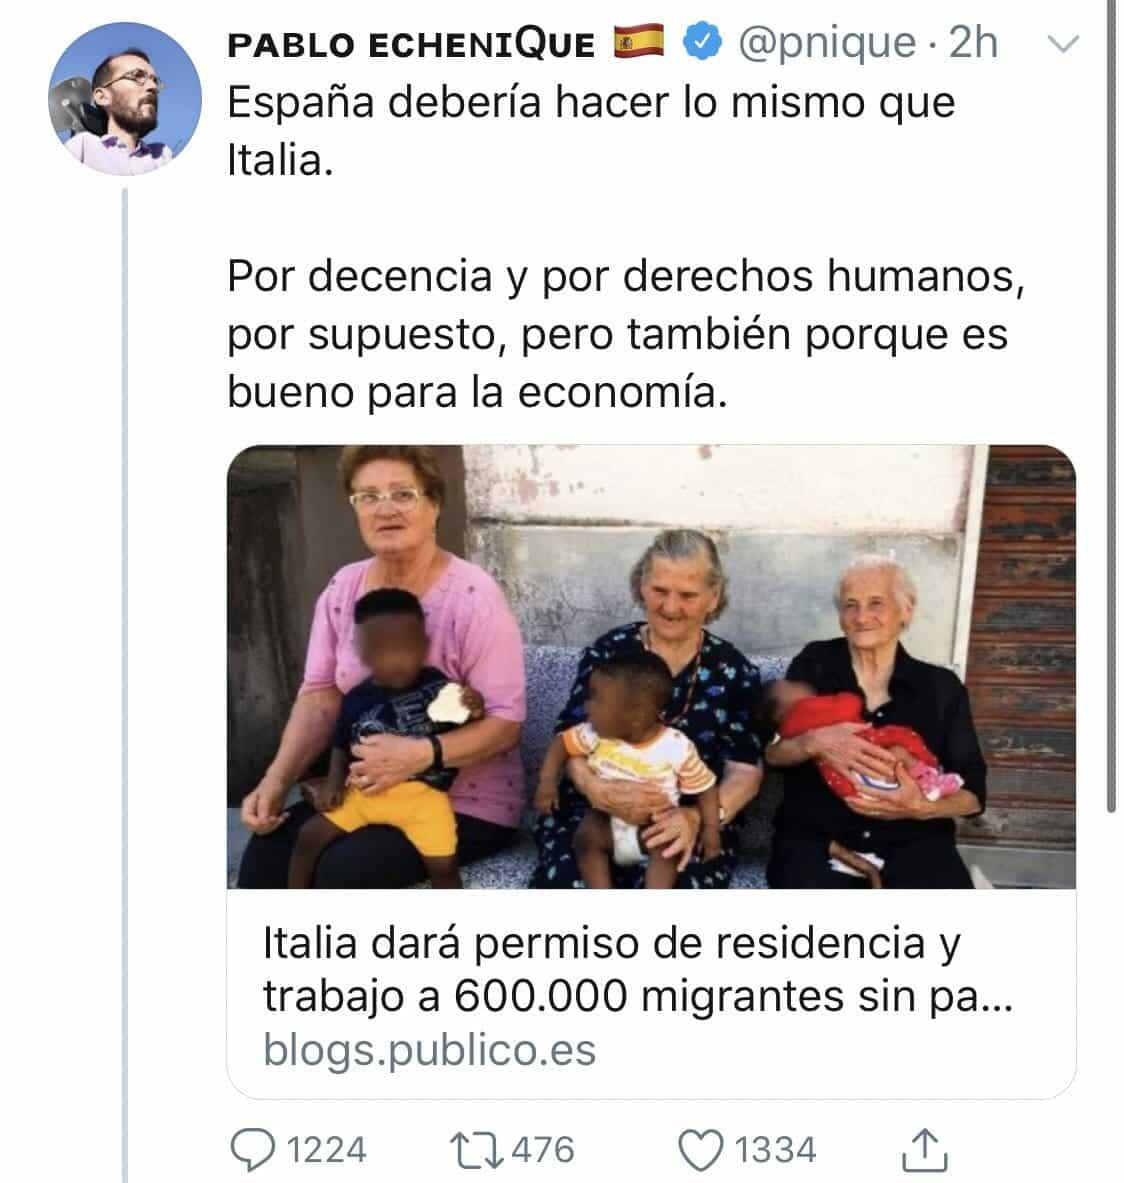 تسوية اوضاع المهاجرين في اسبانيا